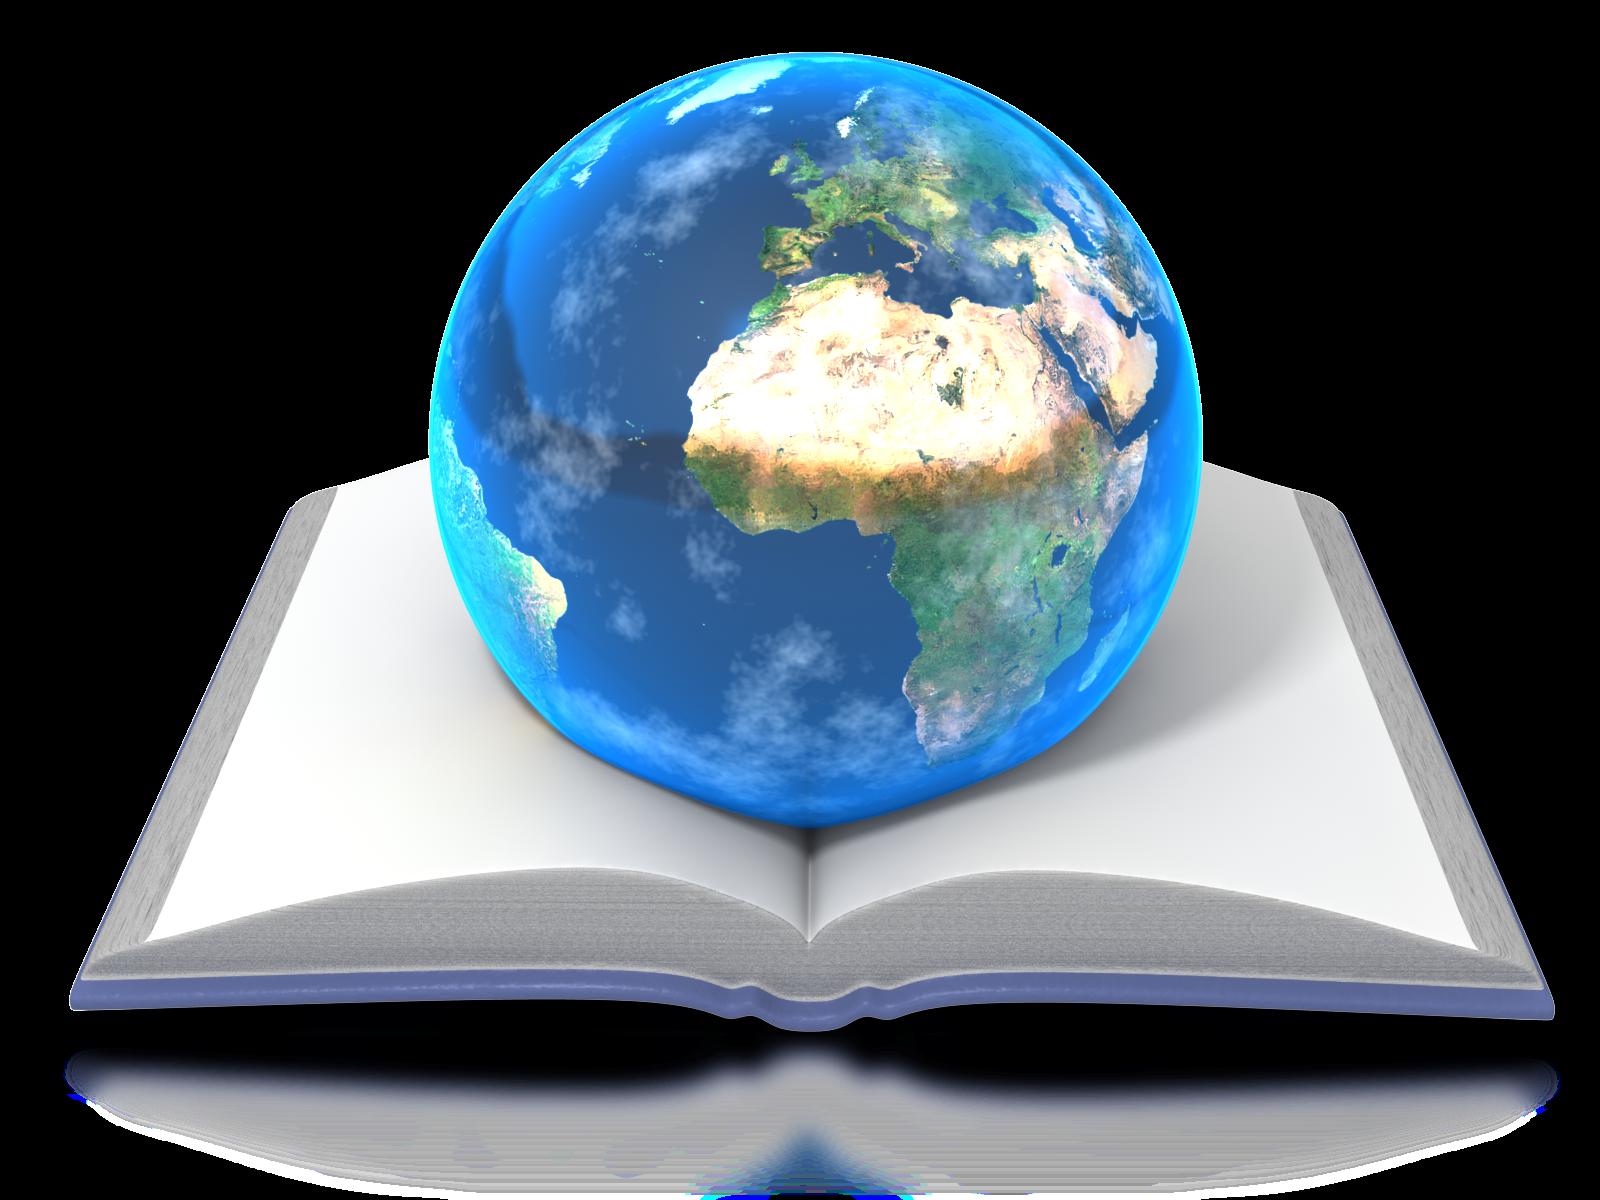 Δωρεάν online μαθήματα για σχεδόν κάθε θέμα